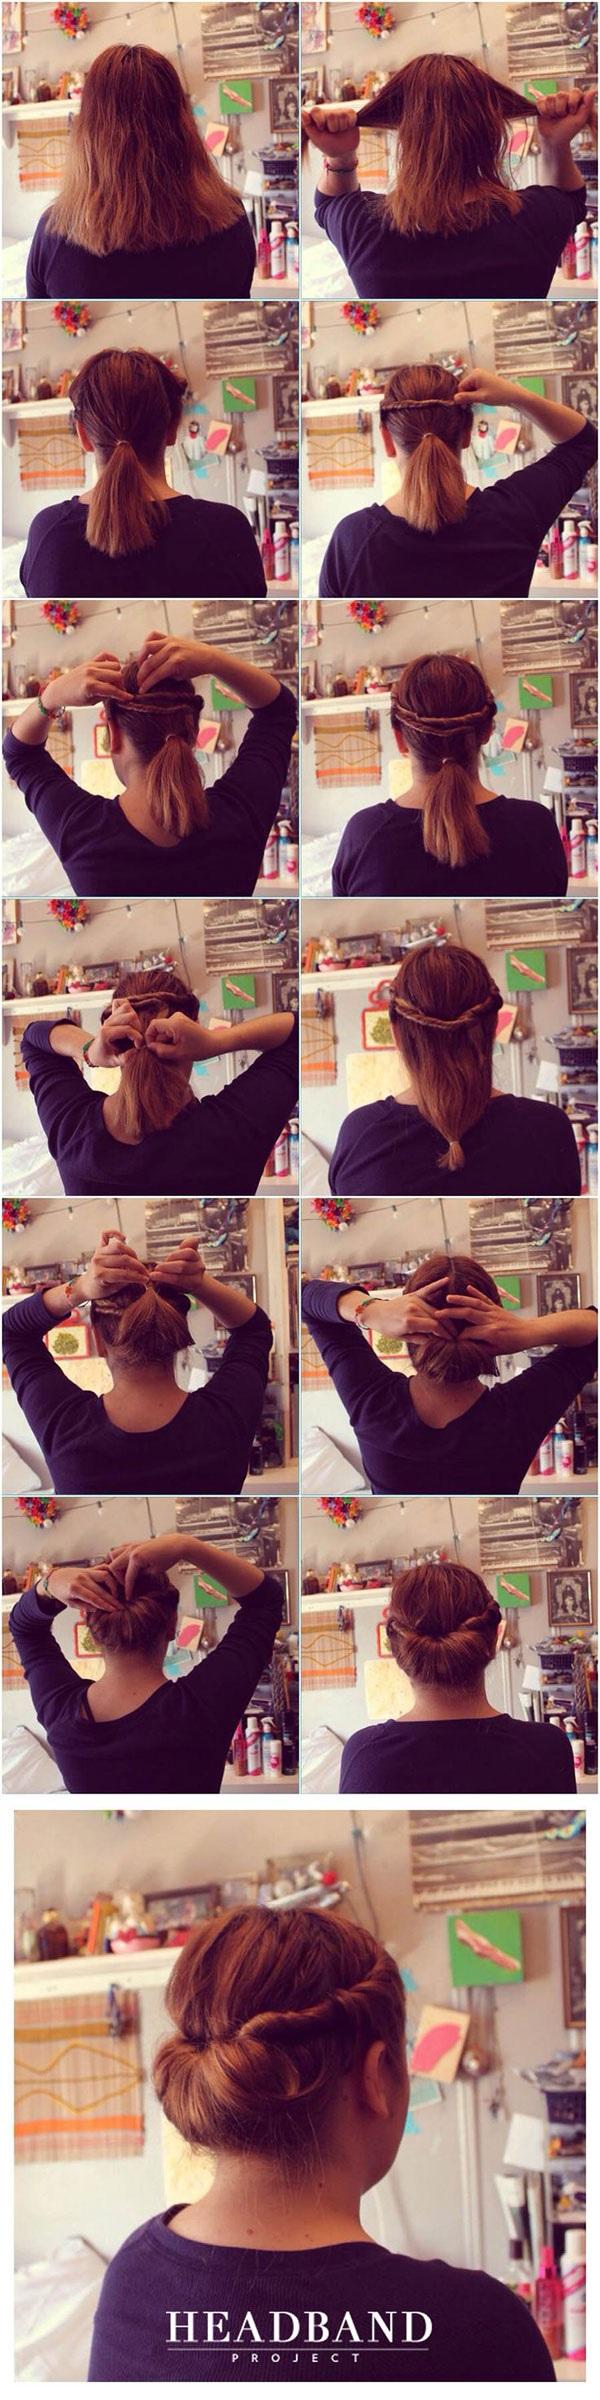 belle-coiffure-2